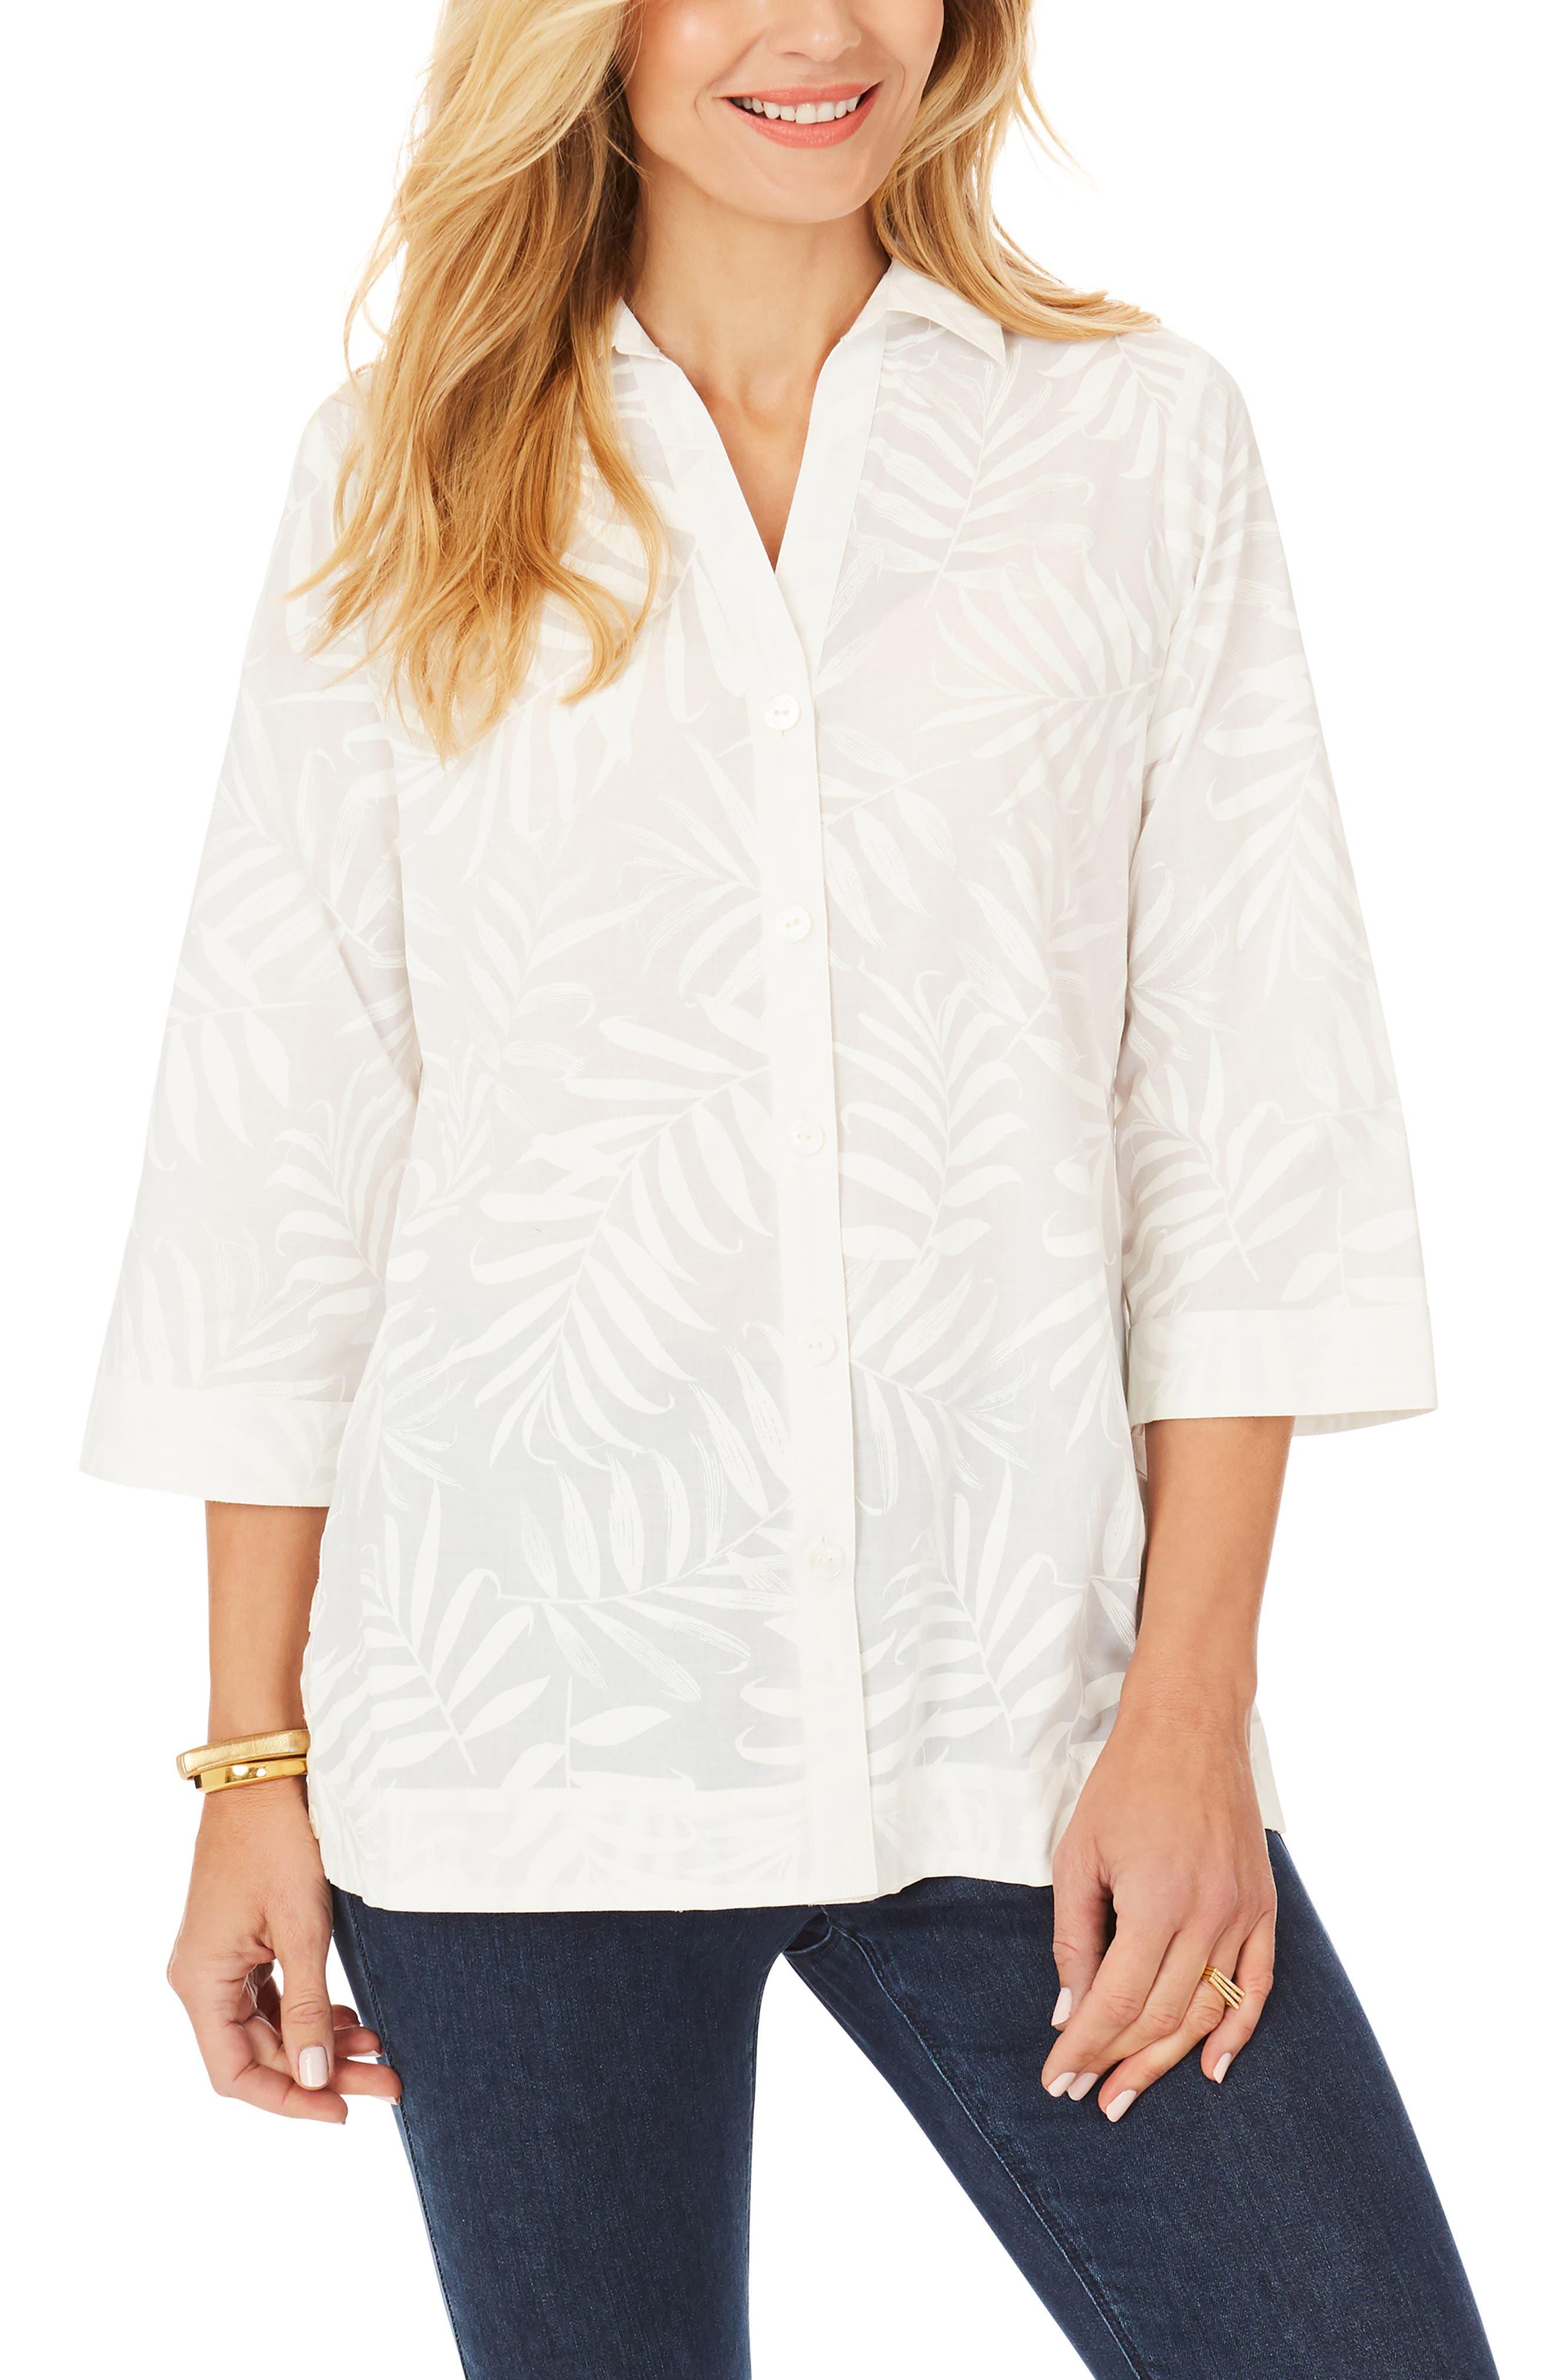 Liberty White Palms Cotton Blouse